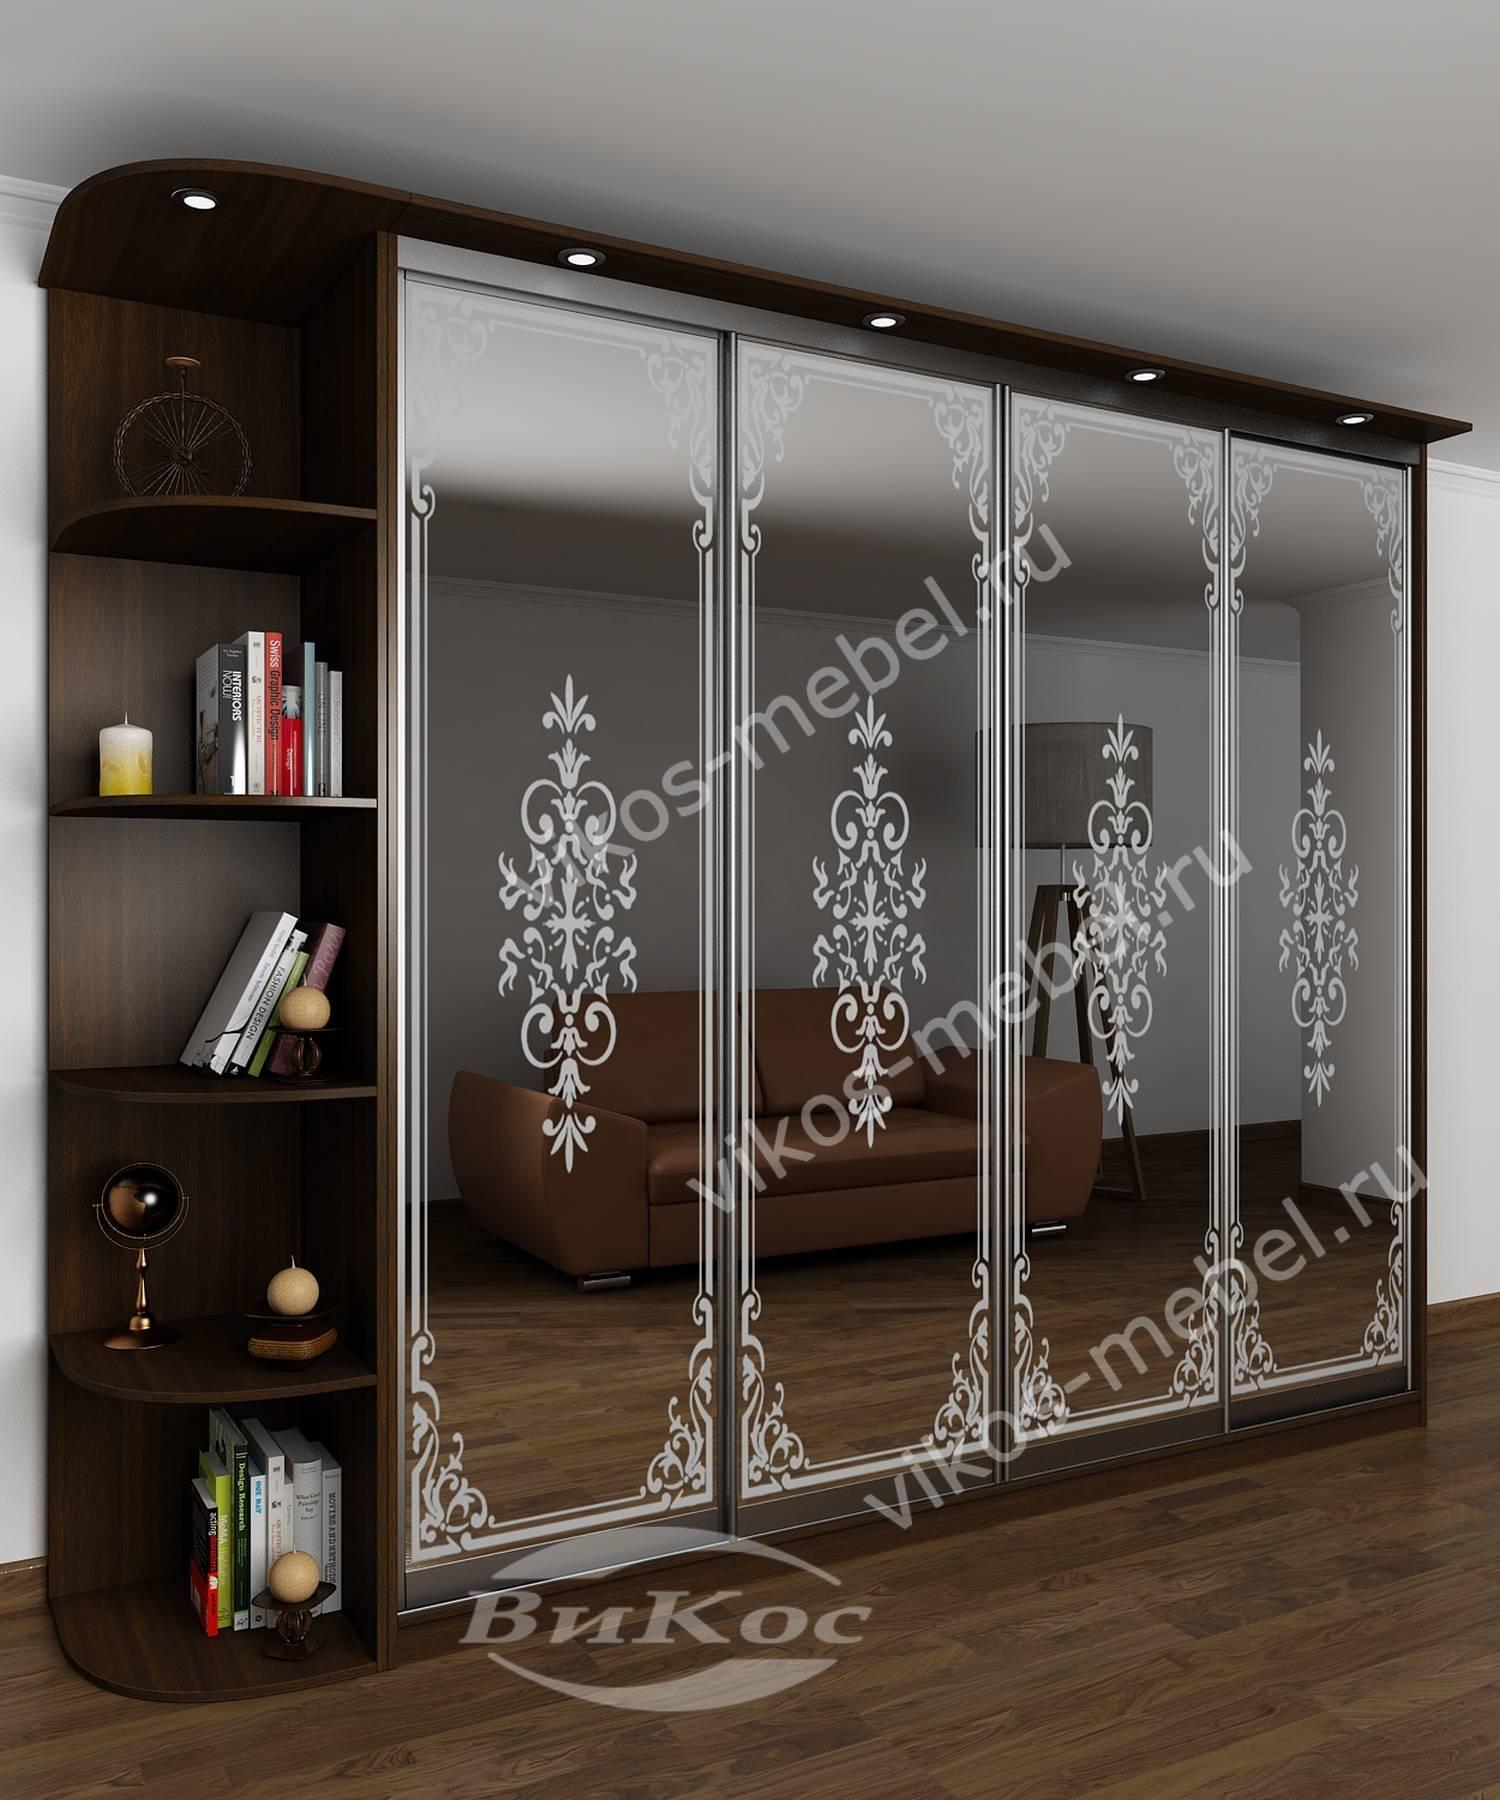 Зеркальный шкаф-купе с 4 зеркалами, пескоструем и подсветкой.